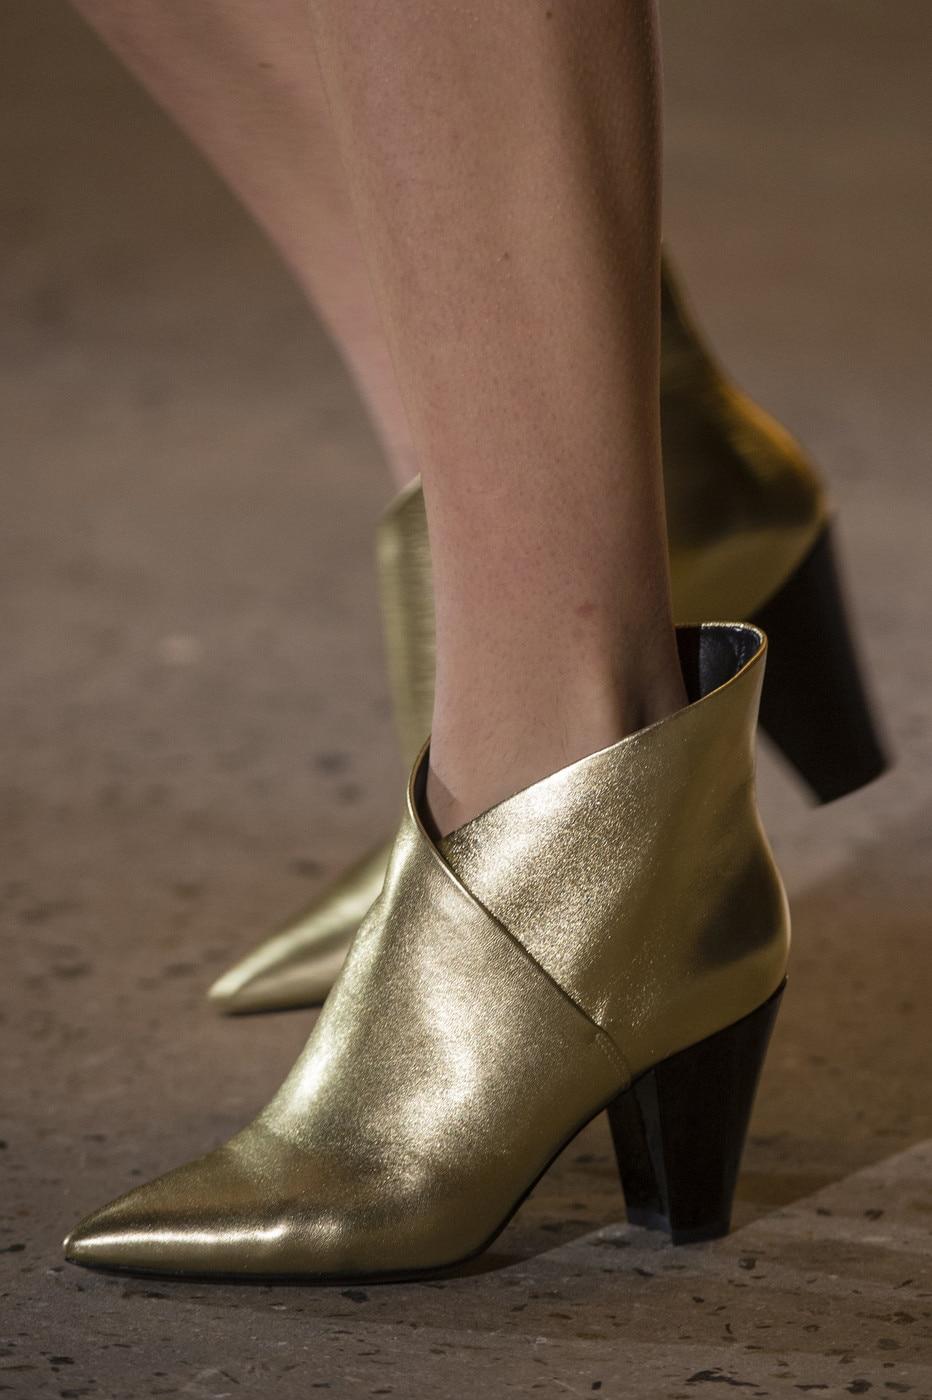 Parti Hauts Réel Taille Chaussures Piste Banquet As Bottes Chaussons 42 Cales Pic Talons Pointu as Cuir Cheville Vichy Grande À Bout Imprimer Pic En Femme pFx7ZfqF